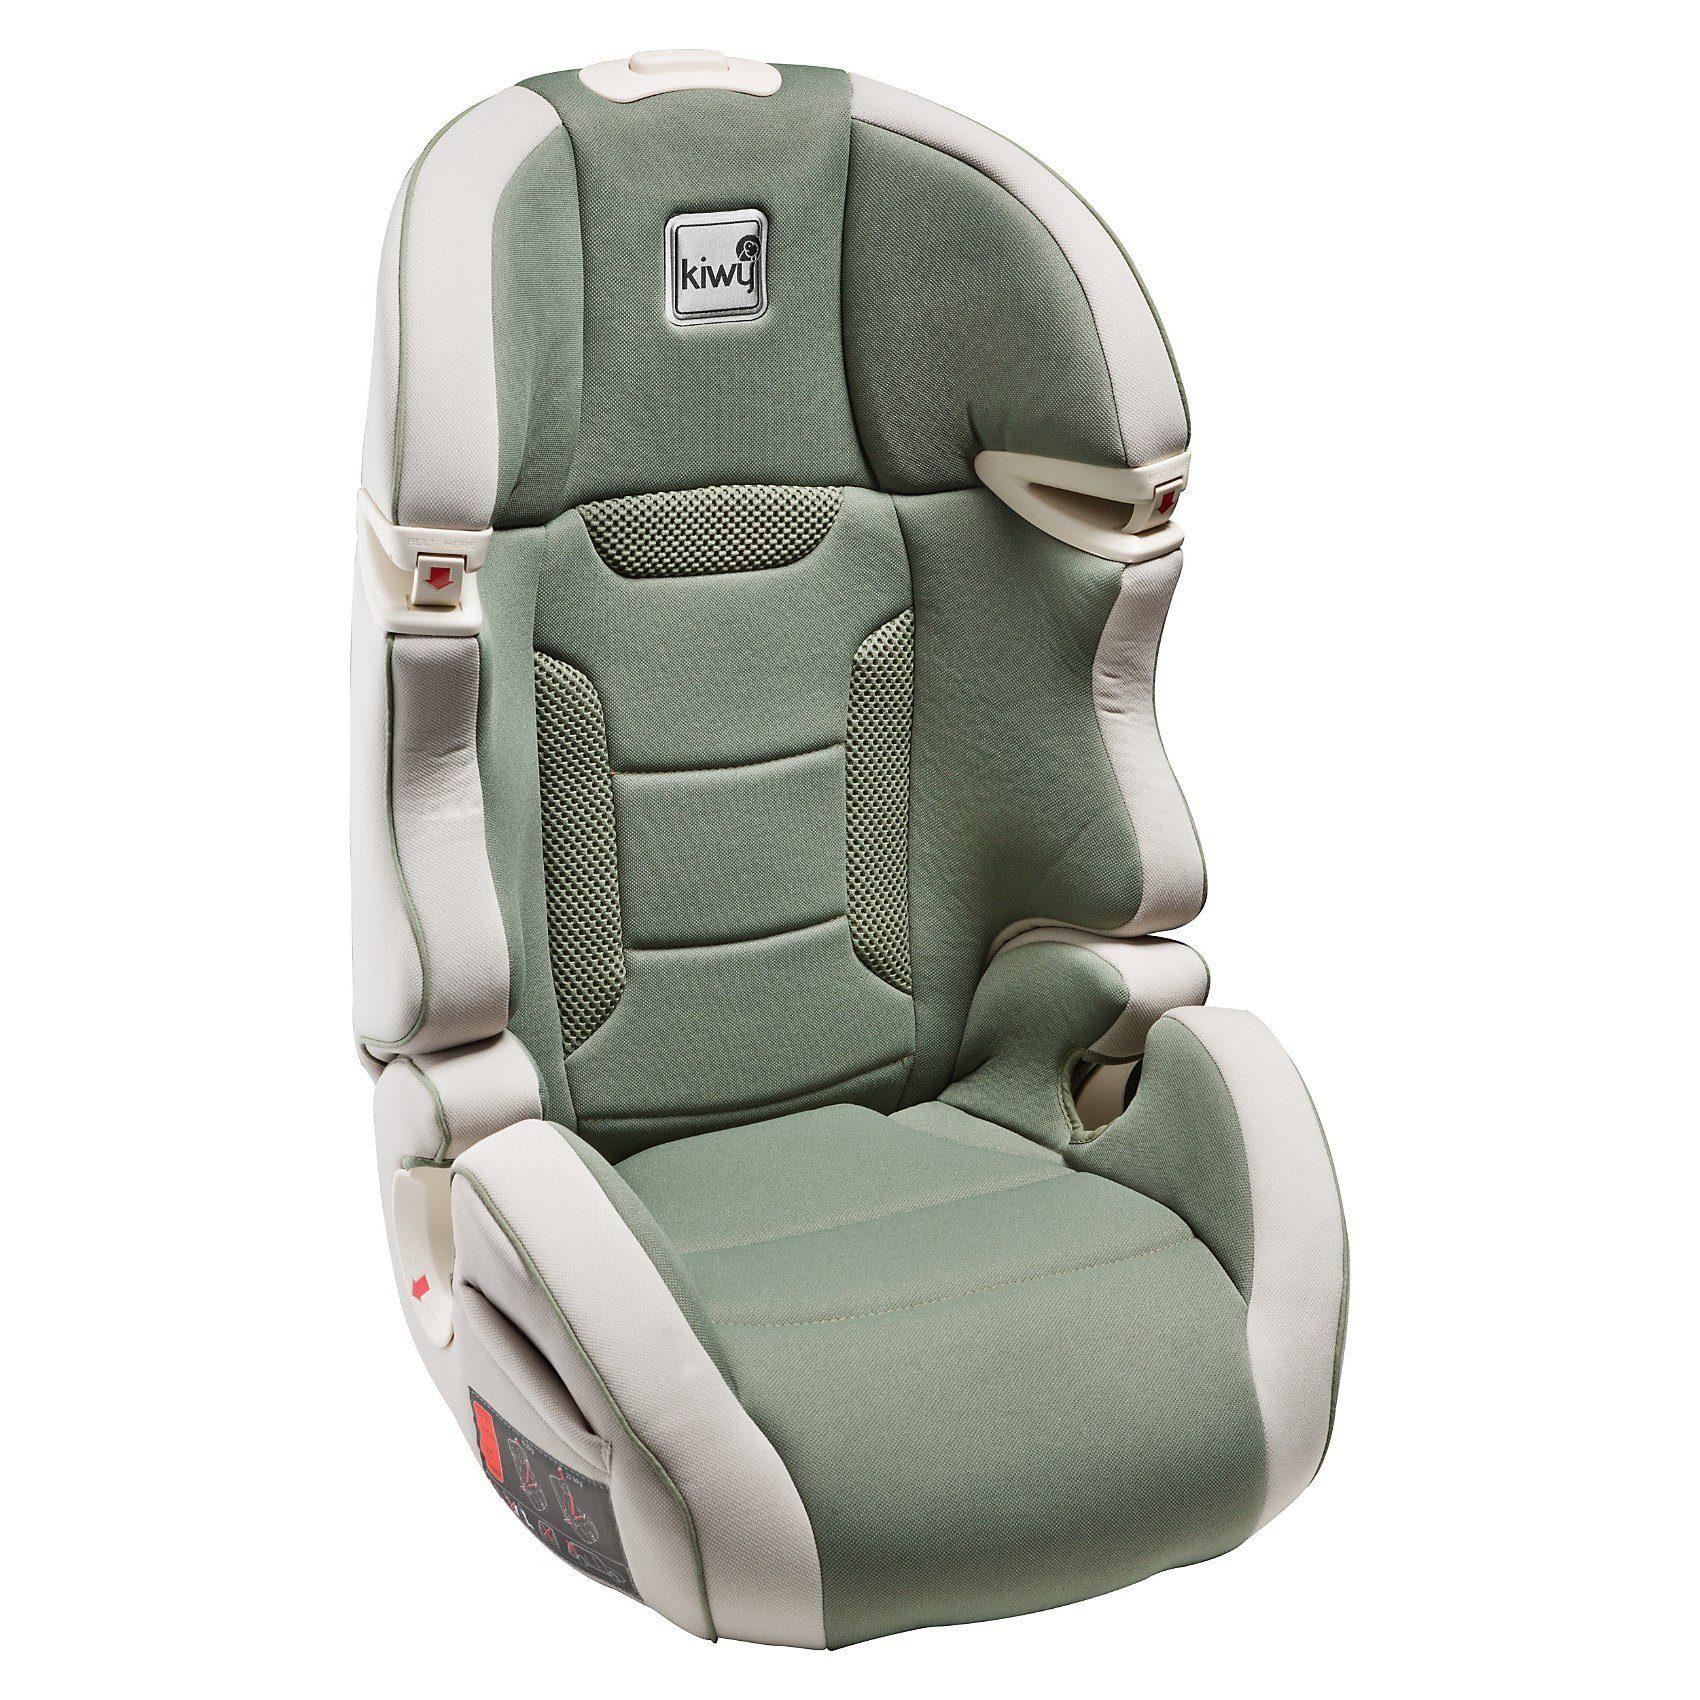 Kiwy Auto-Kindersitz S23, aloe, 2016